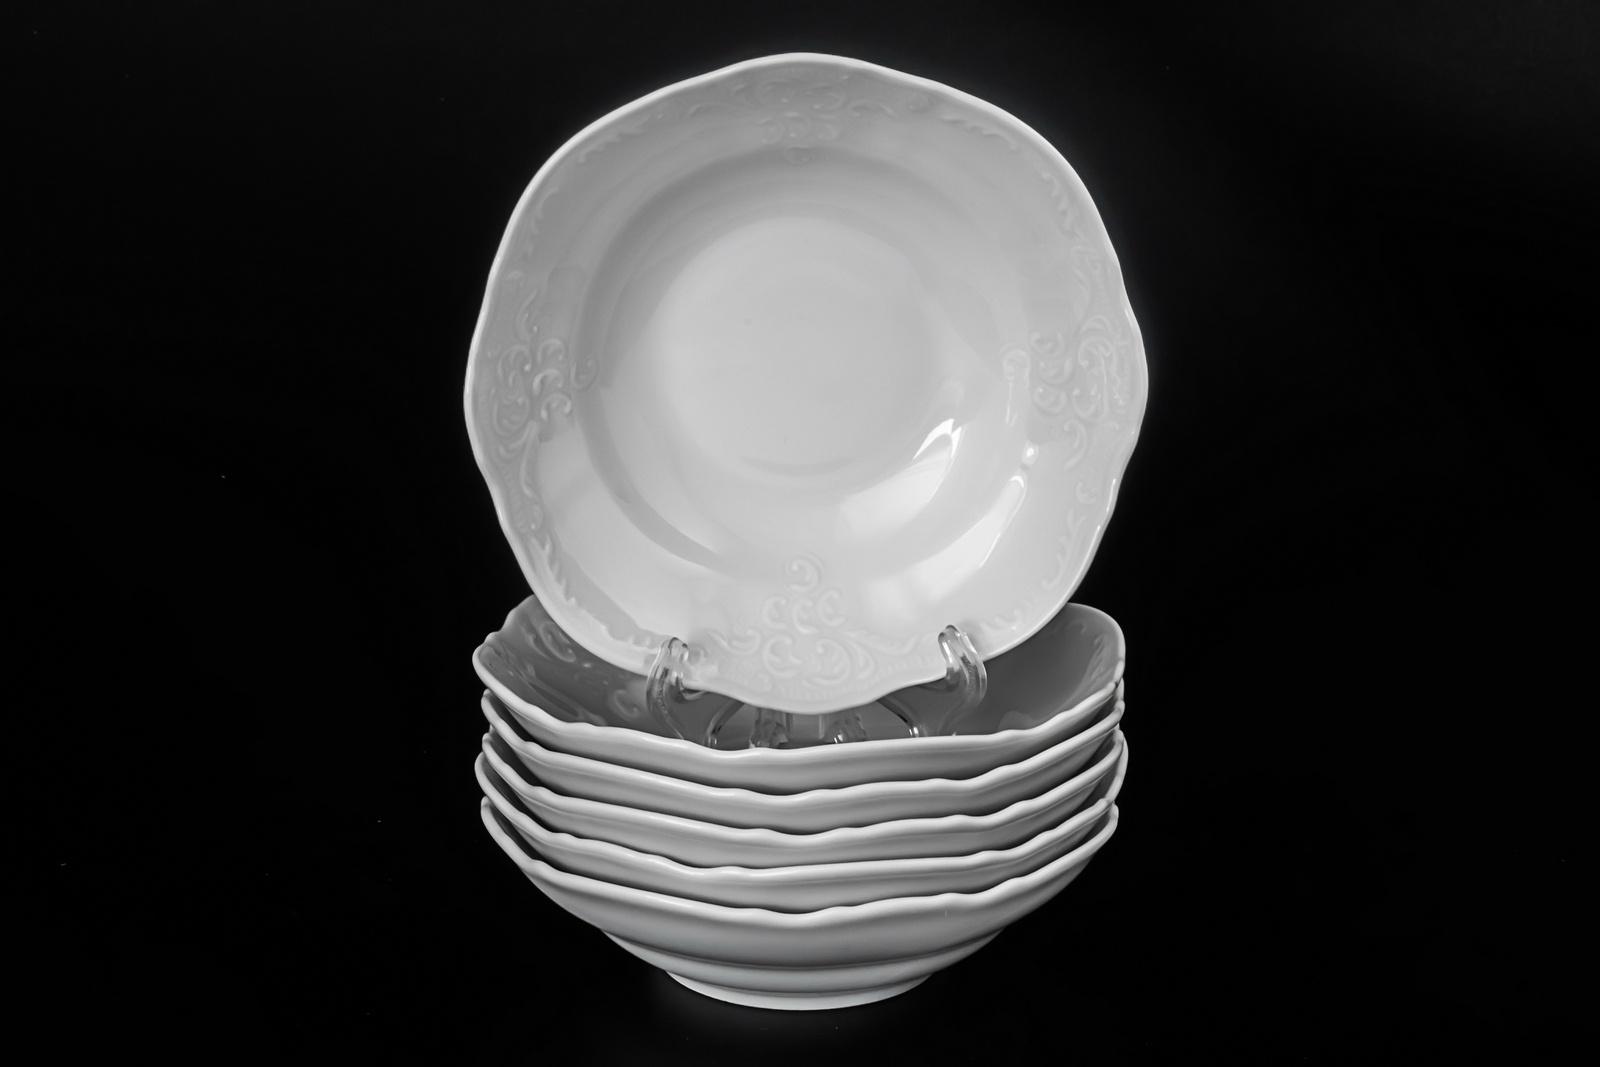 Набор салатников Bernadotte, 11147, белый, 13 см, 6 шт